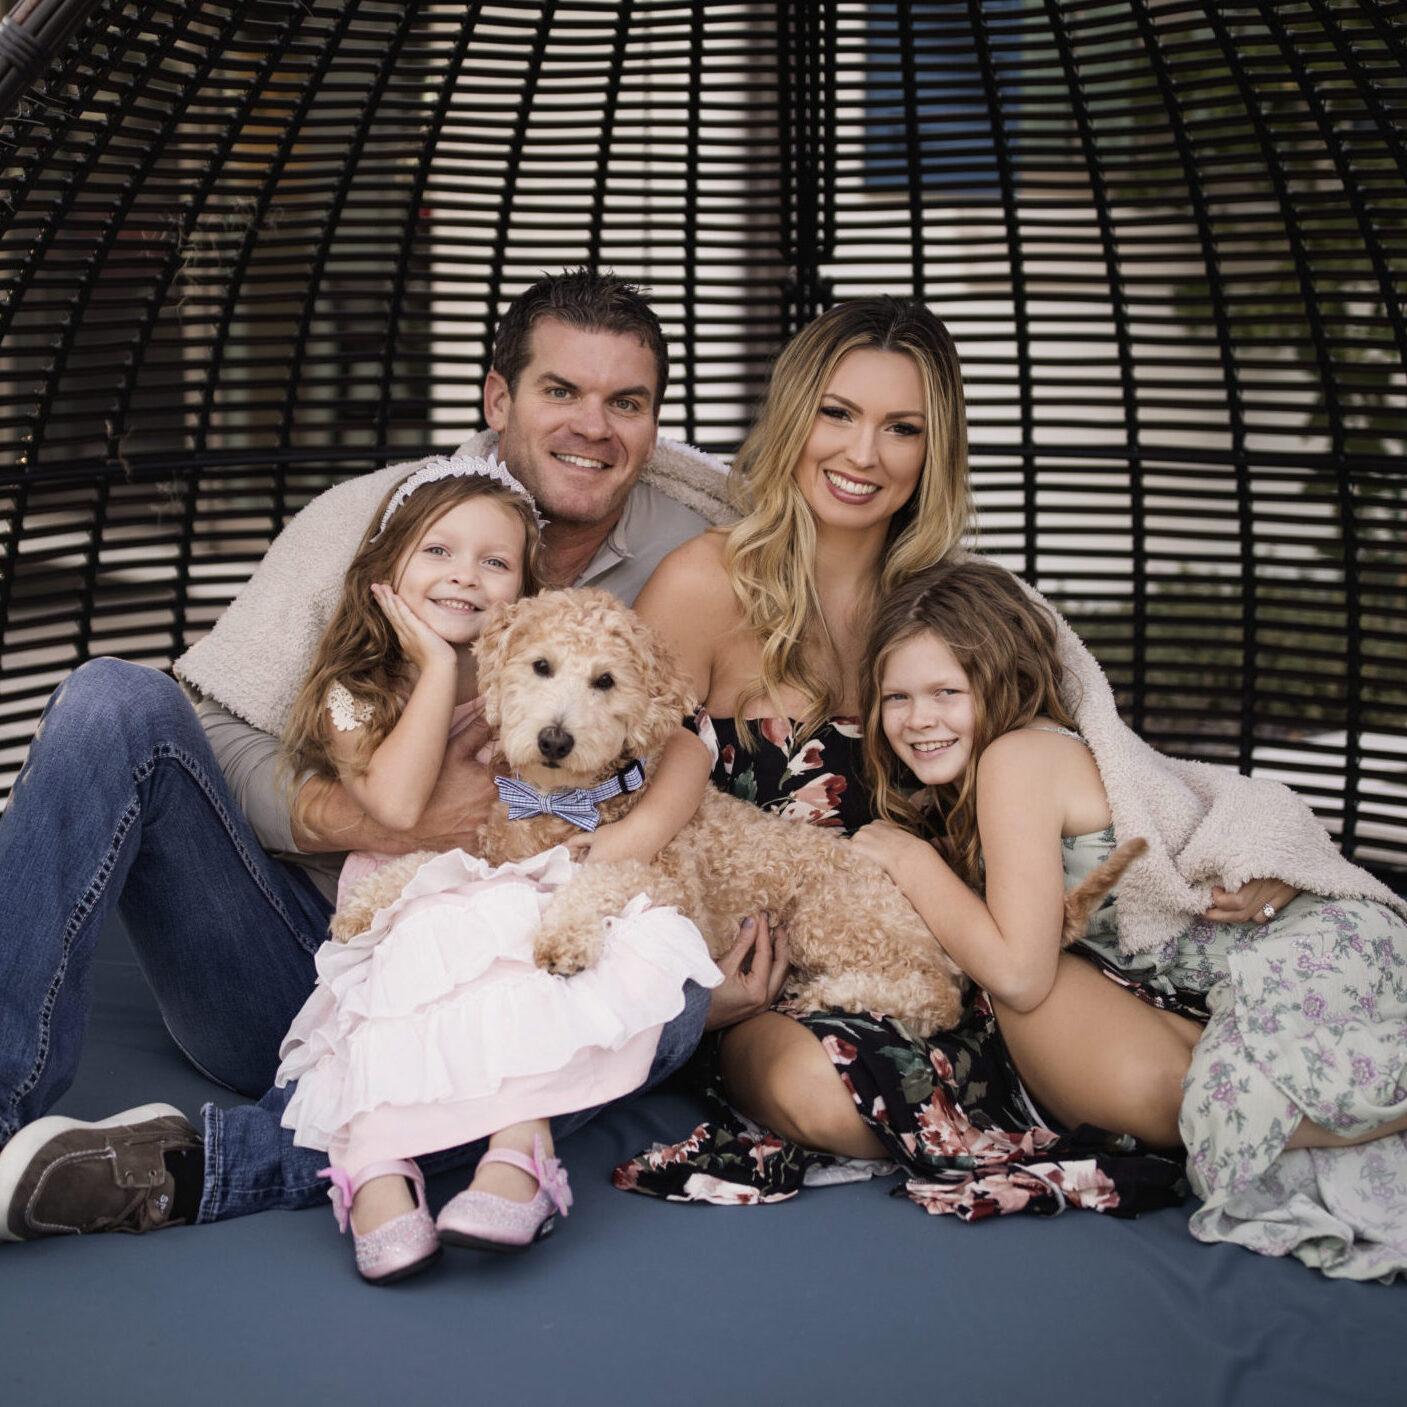 Sutton family photo 2-2-21